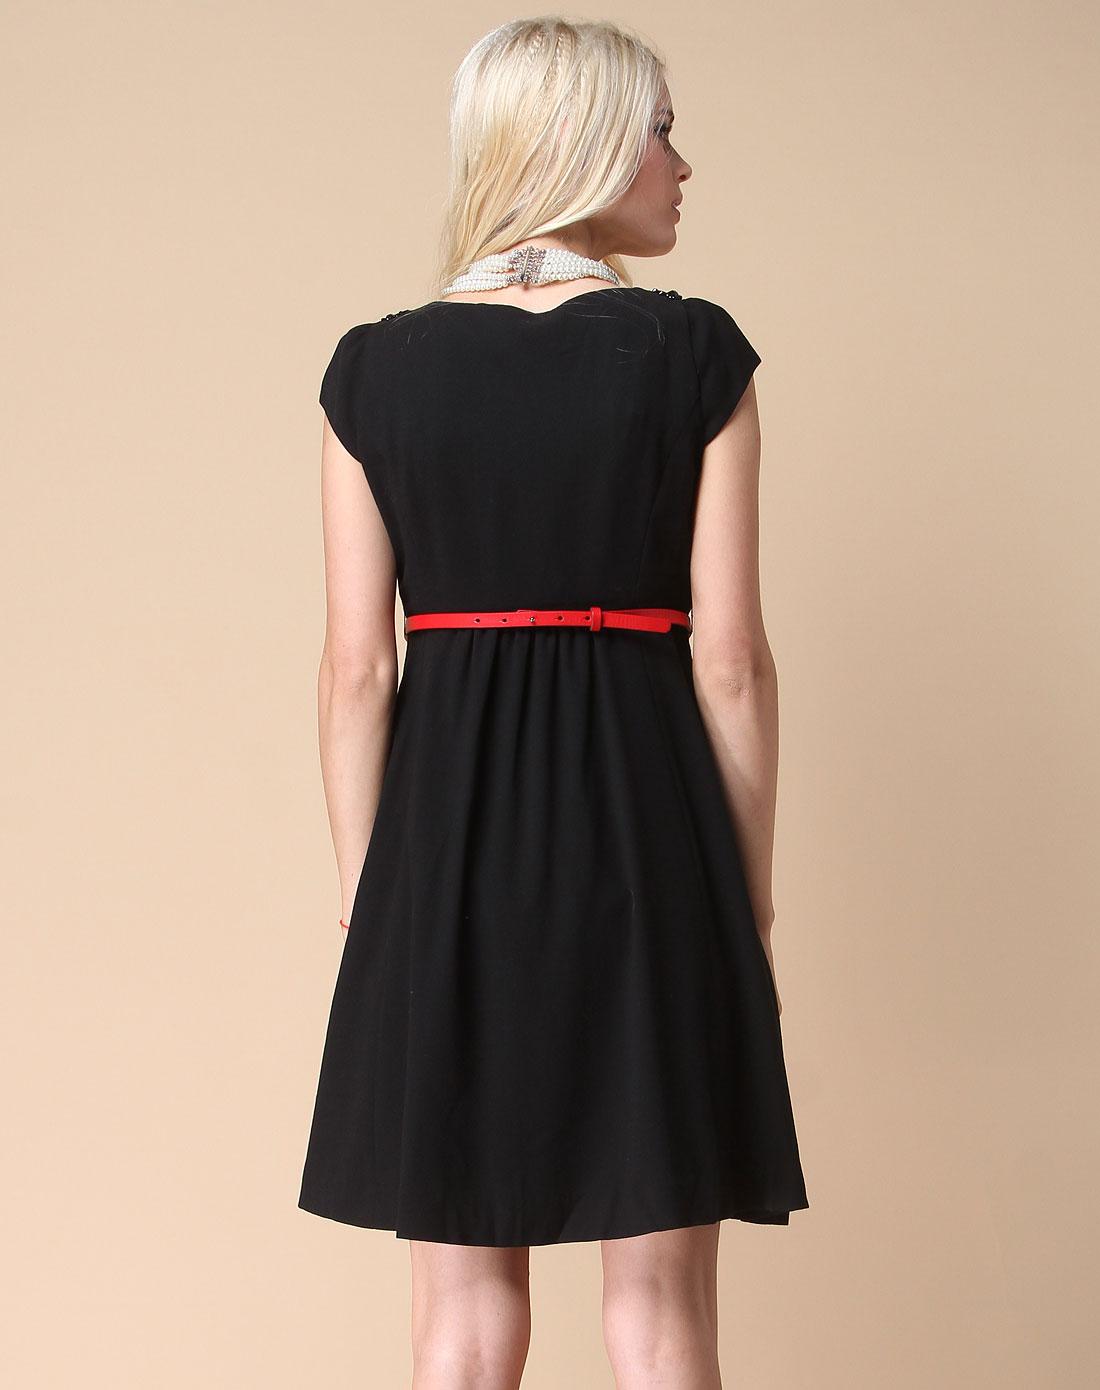 雪纺黑色连衣裙V字领